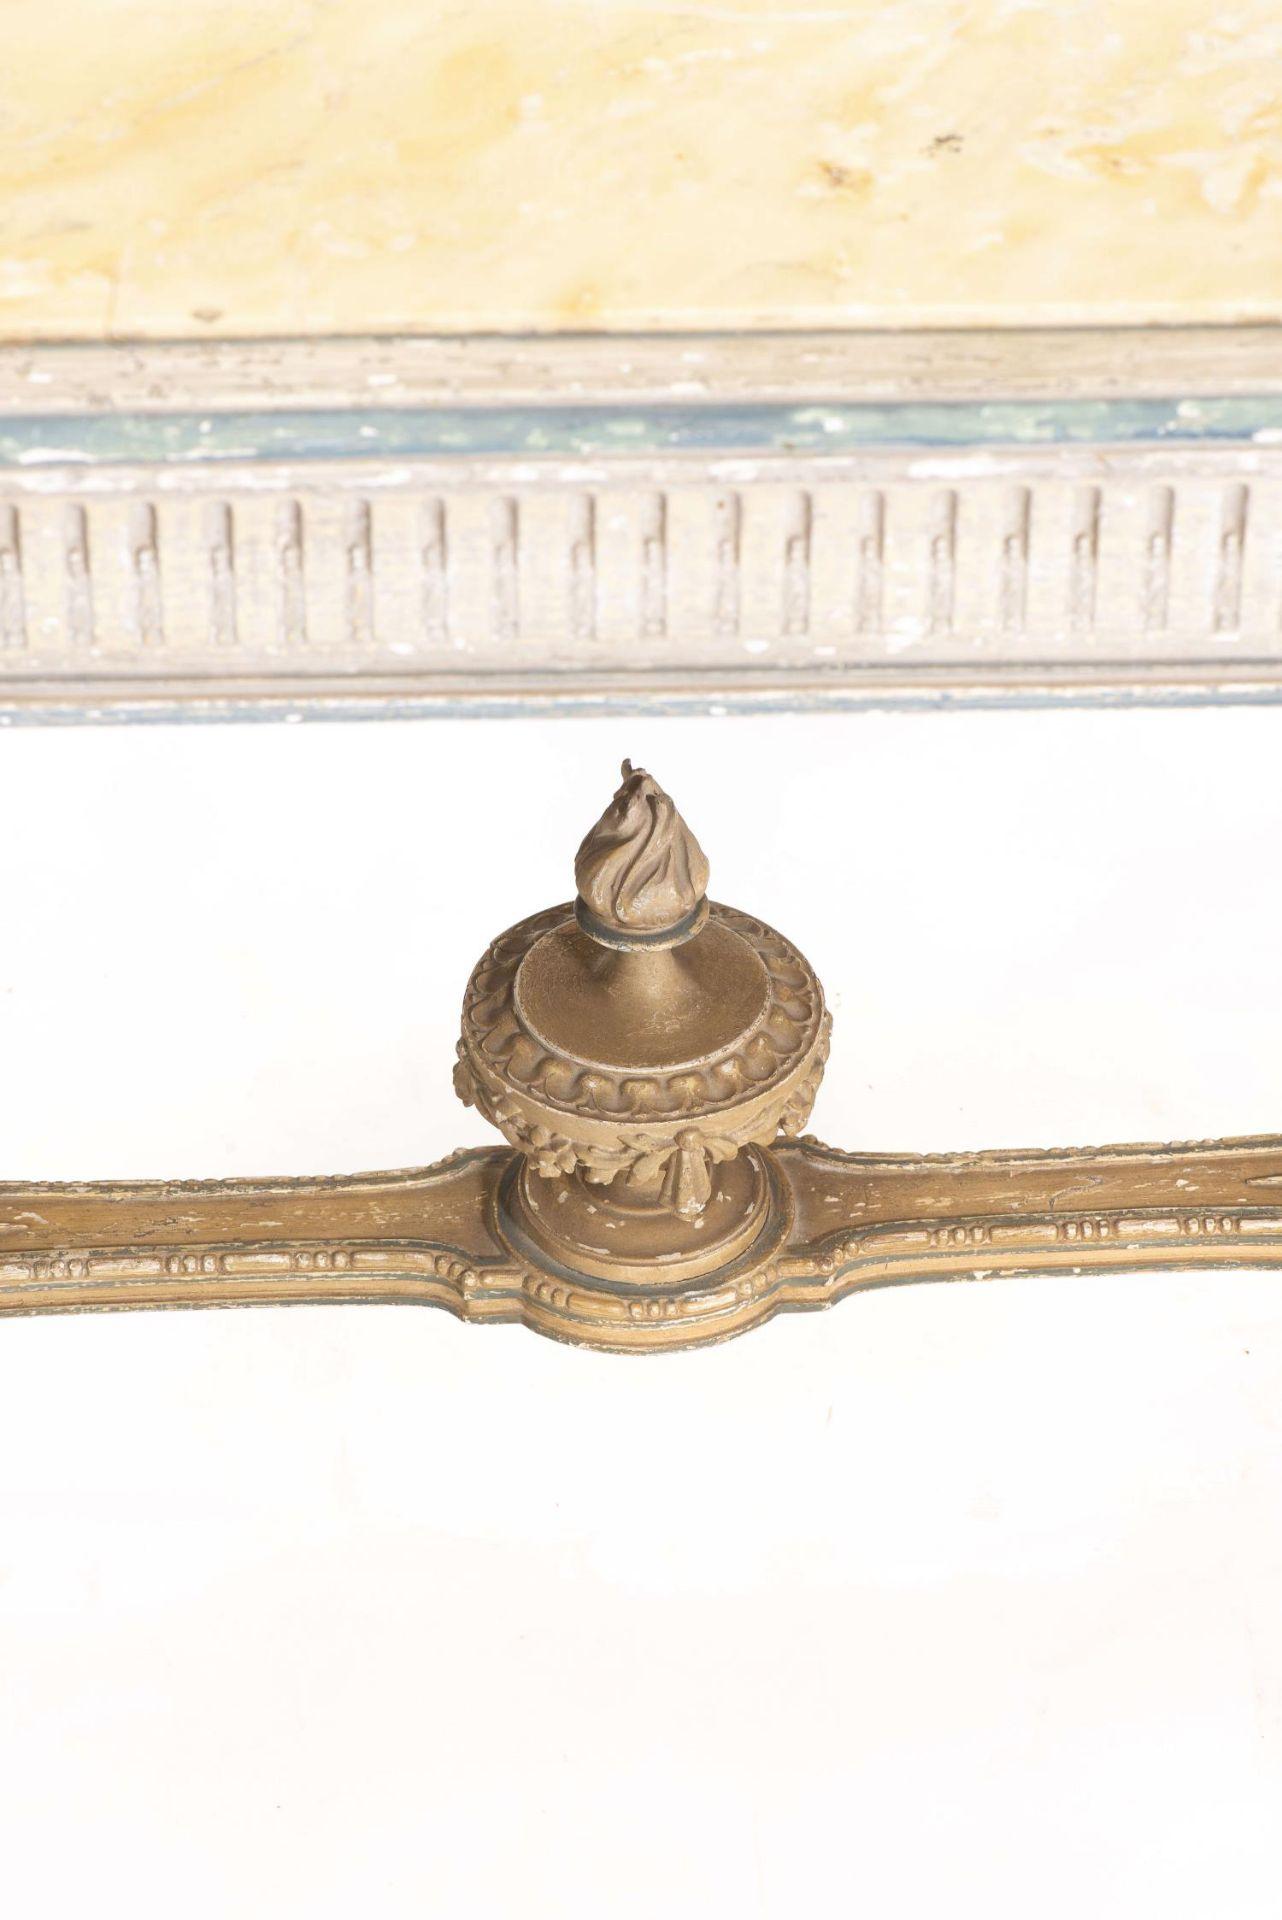 Table de chasse de style Louis XVI avec plateau de marbre jaune - Bild 3 aus 4